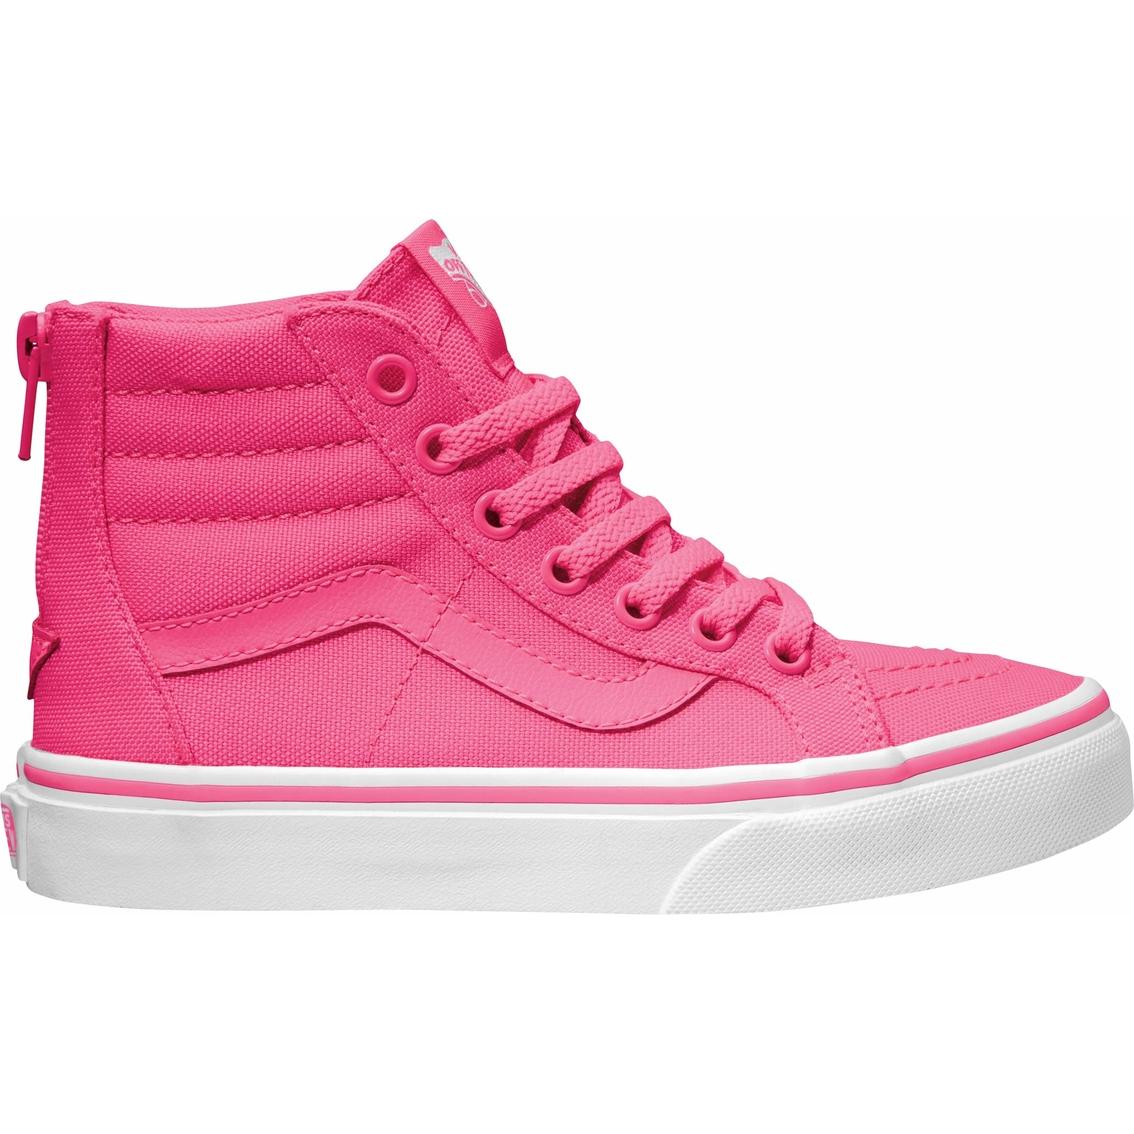 a50c37203d Vans Girls Sk8 Hi Zip Shoes